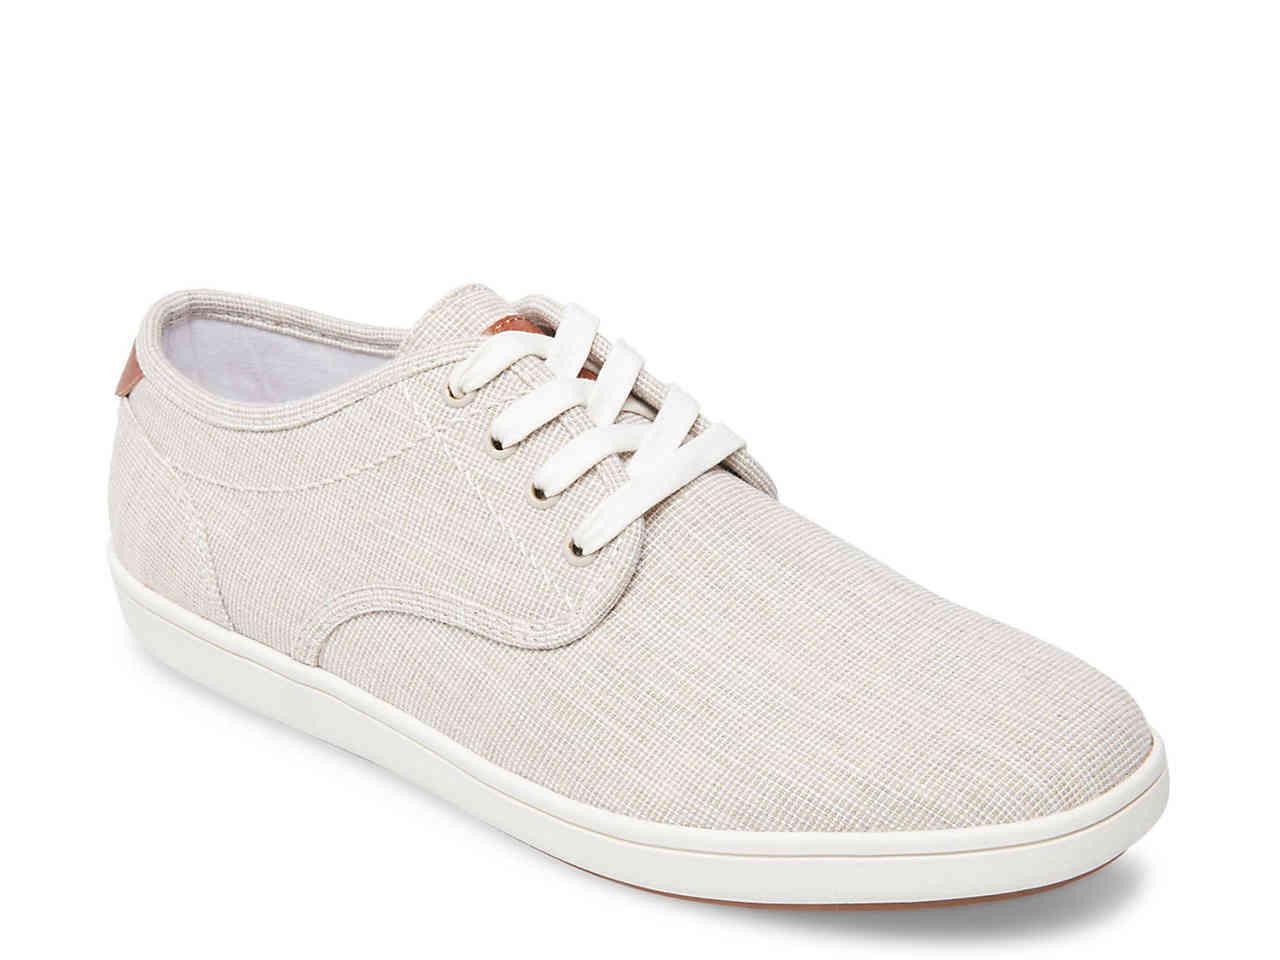 b9911b04d02 Lyst - Steve Madden First Sneaker for Men